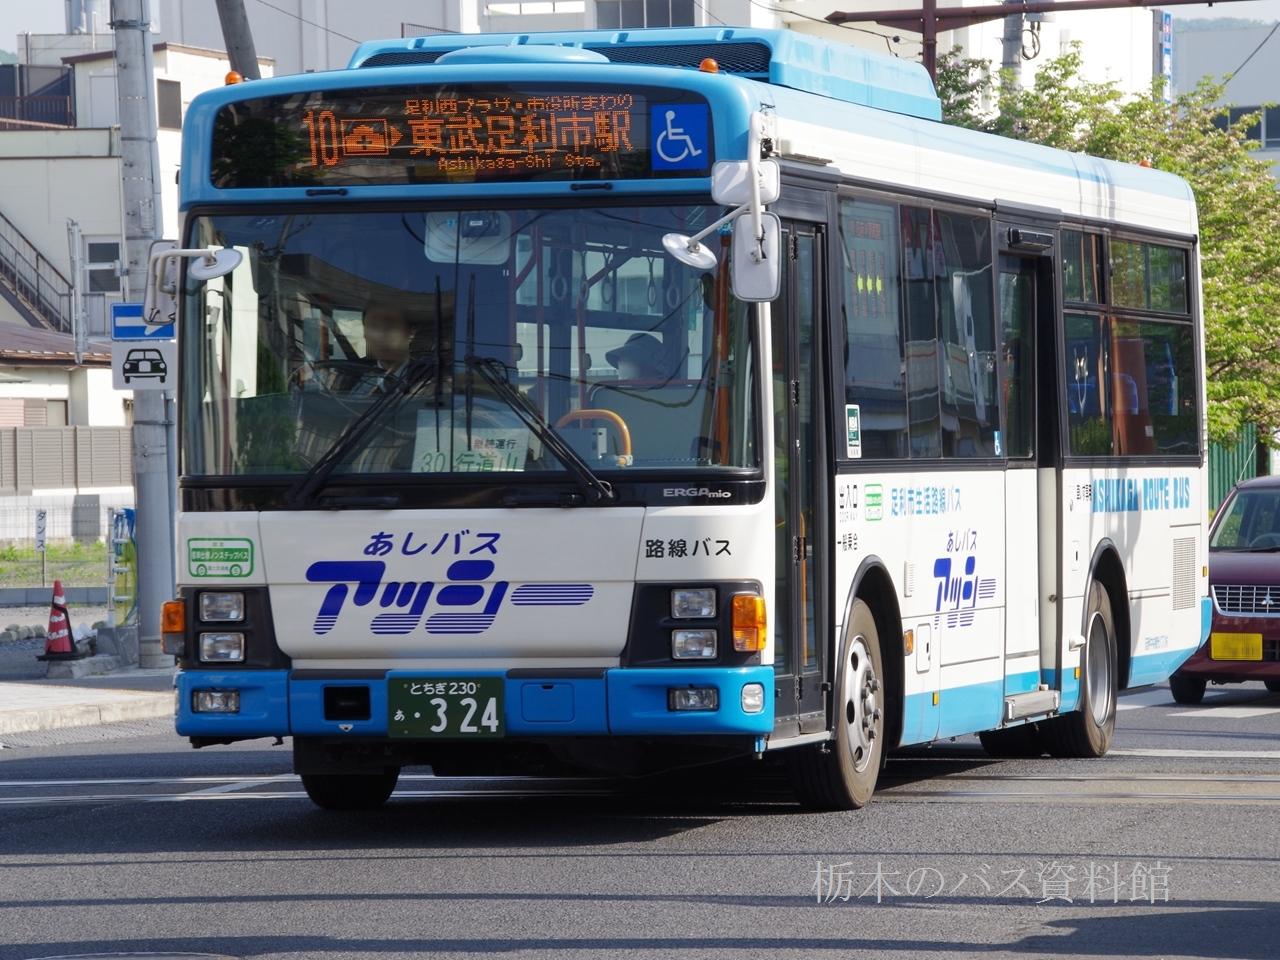 栃木の路線バス 足利市生活路線バス